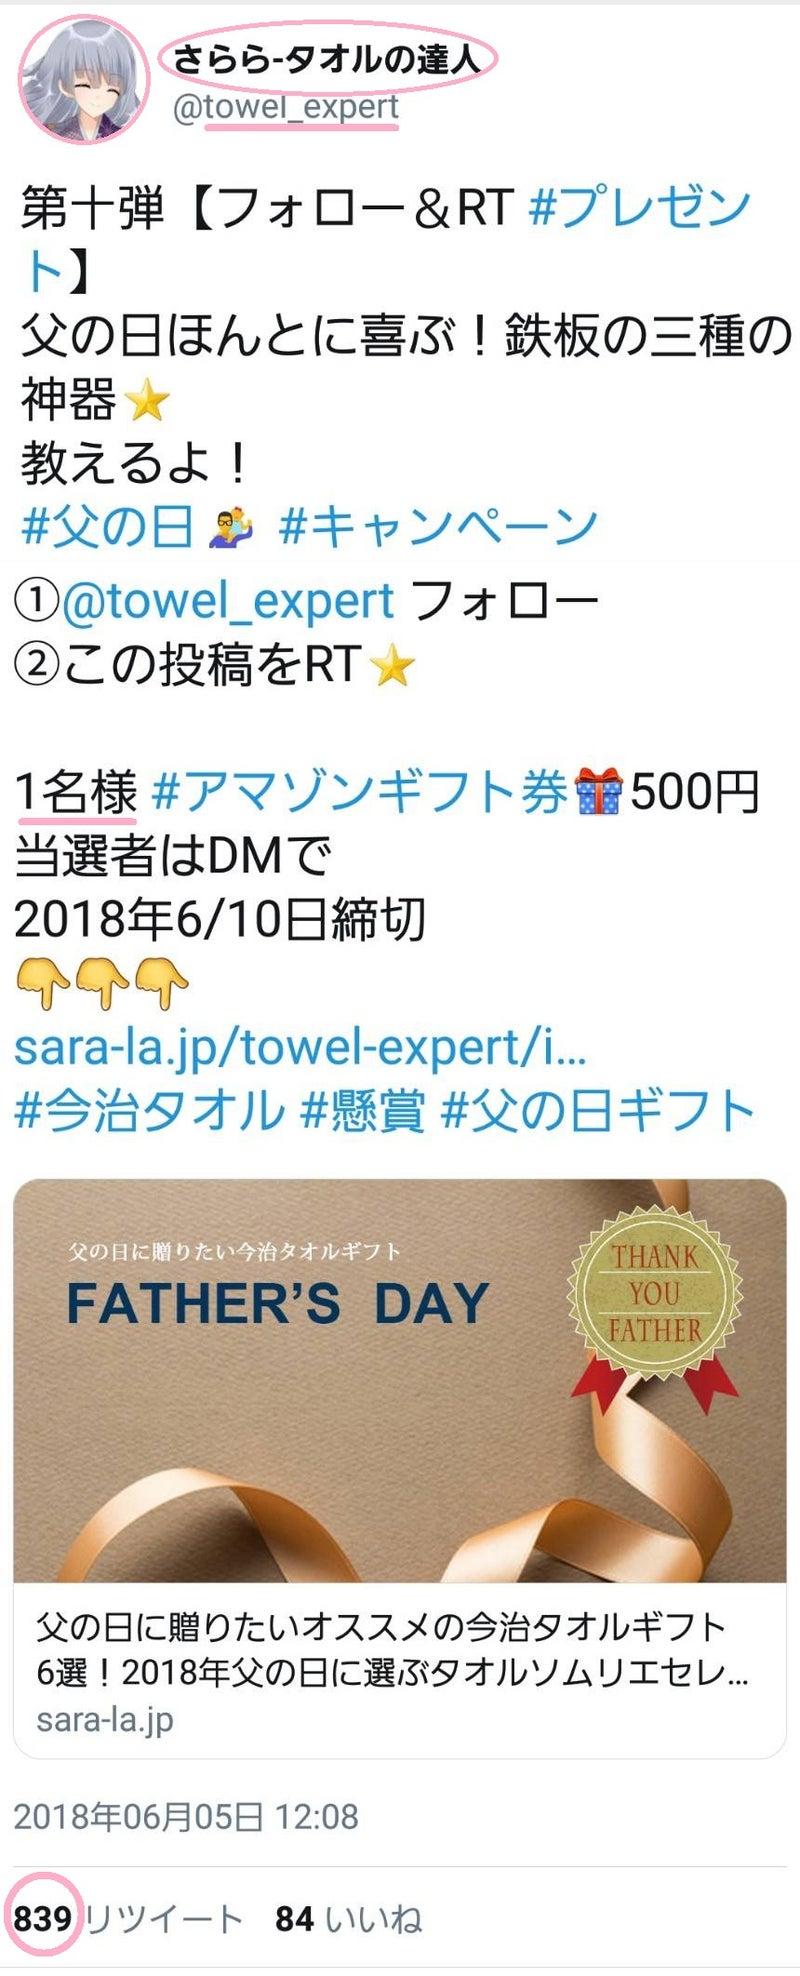 79322af76f69df 毎年、母の日・父の日はプレゼントを贈っているのですが、母の日は同性だからかすぐに決まるものの(エプロンやお花など)、父の日って、何をあげればいいんだろう?